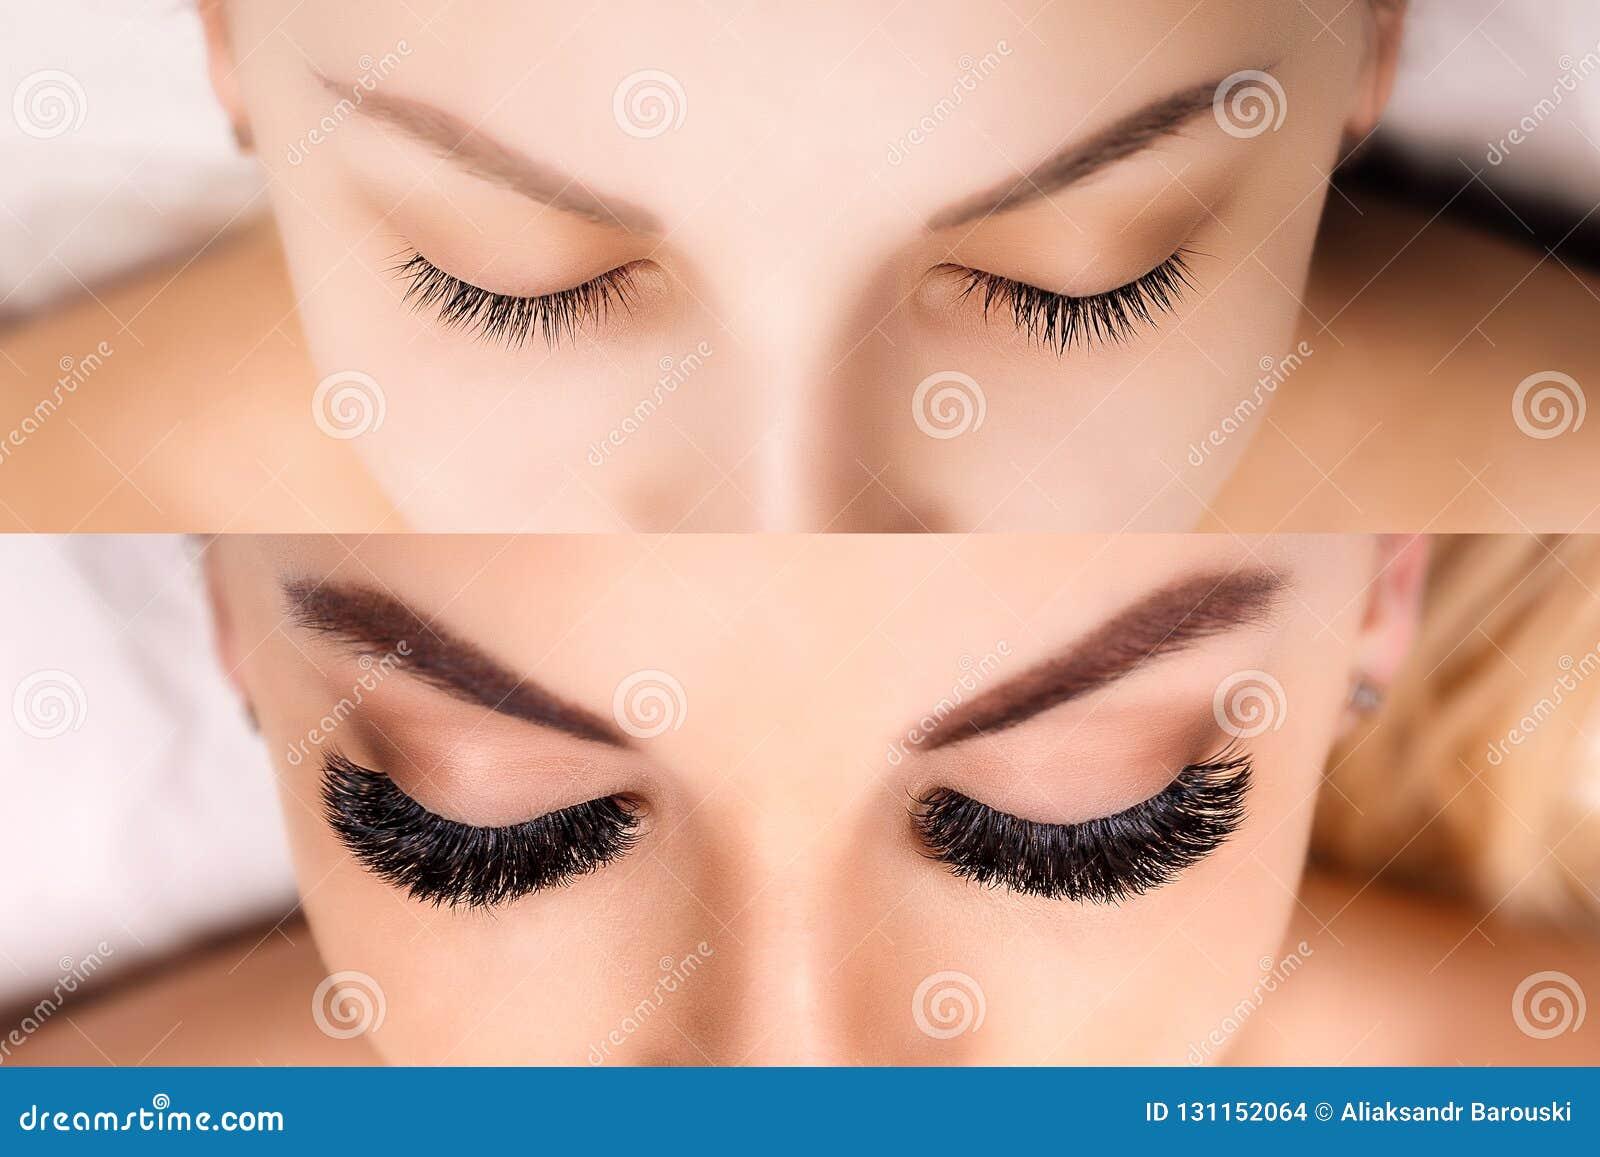 睫毛引伸 前后女性眼睛比较  好莱坞,俄国容量